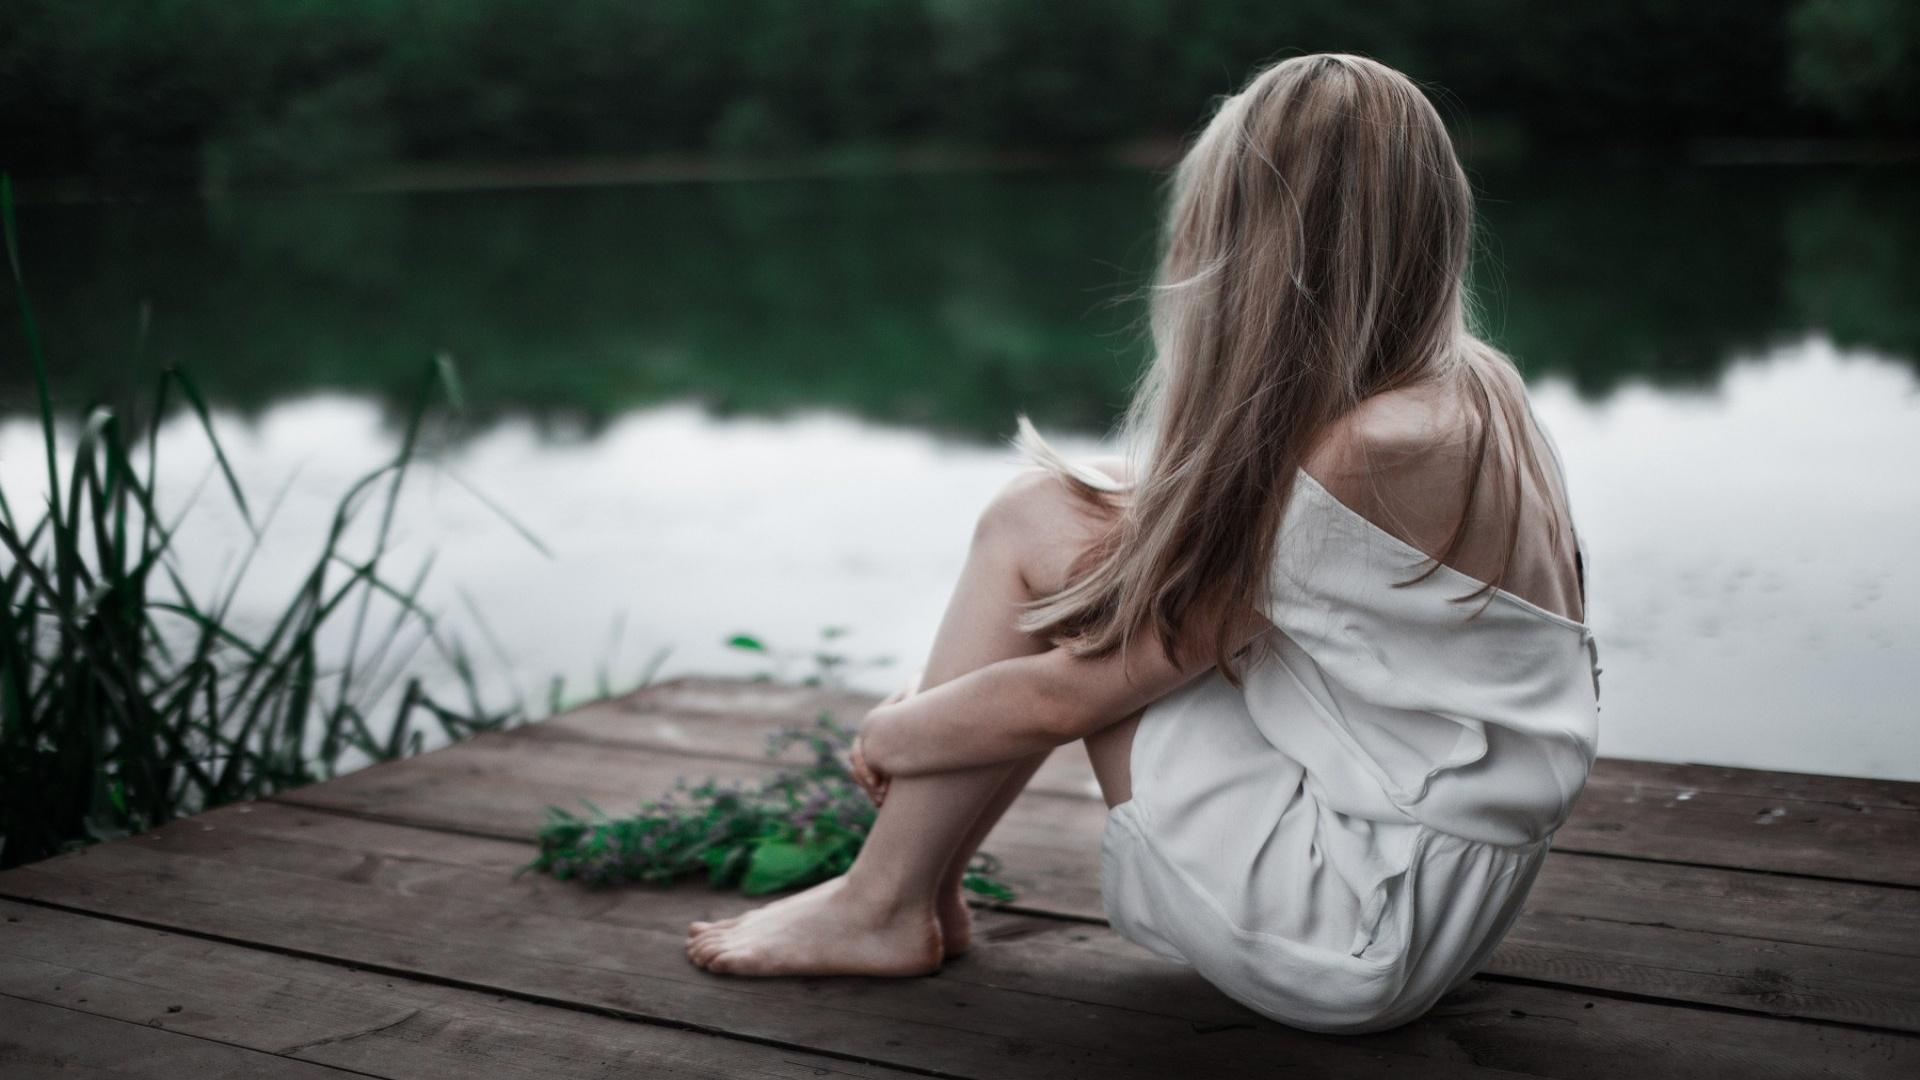 Девушка сидит скучает картинки